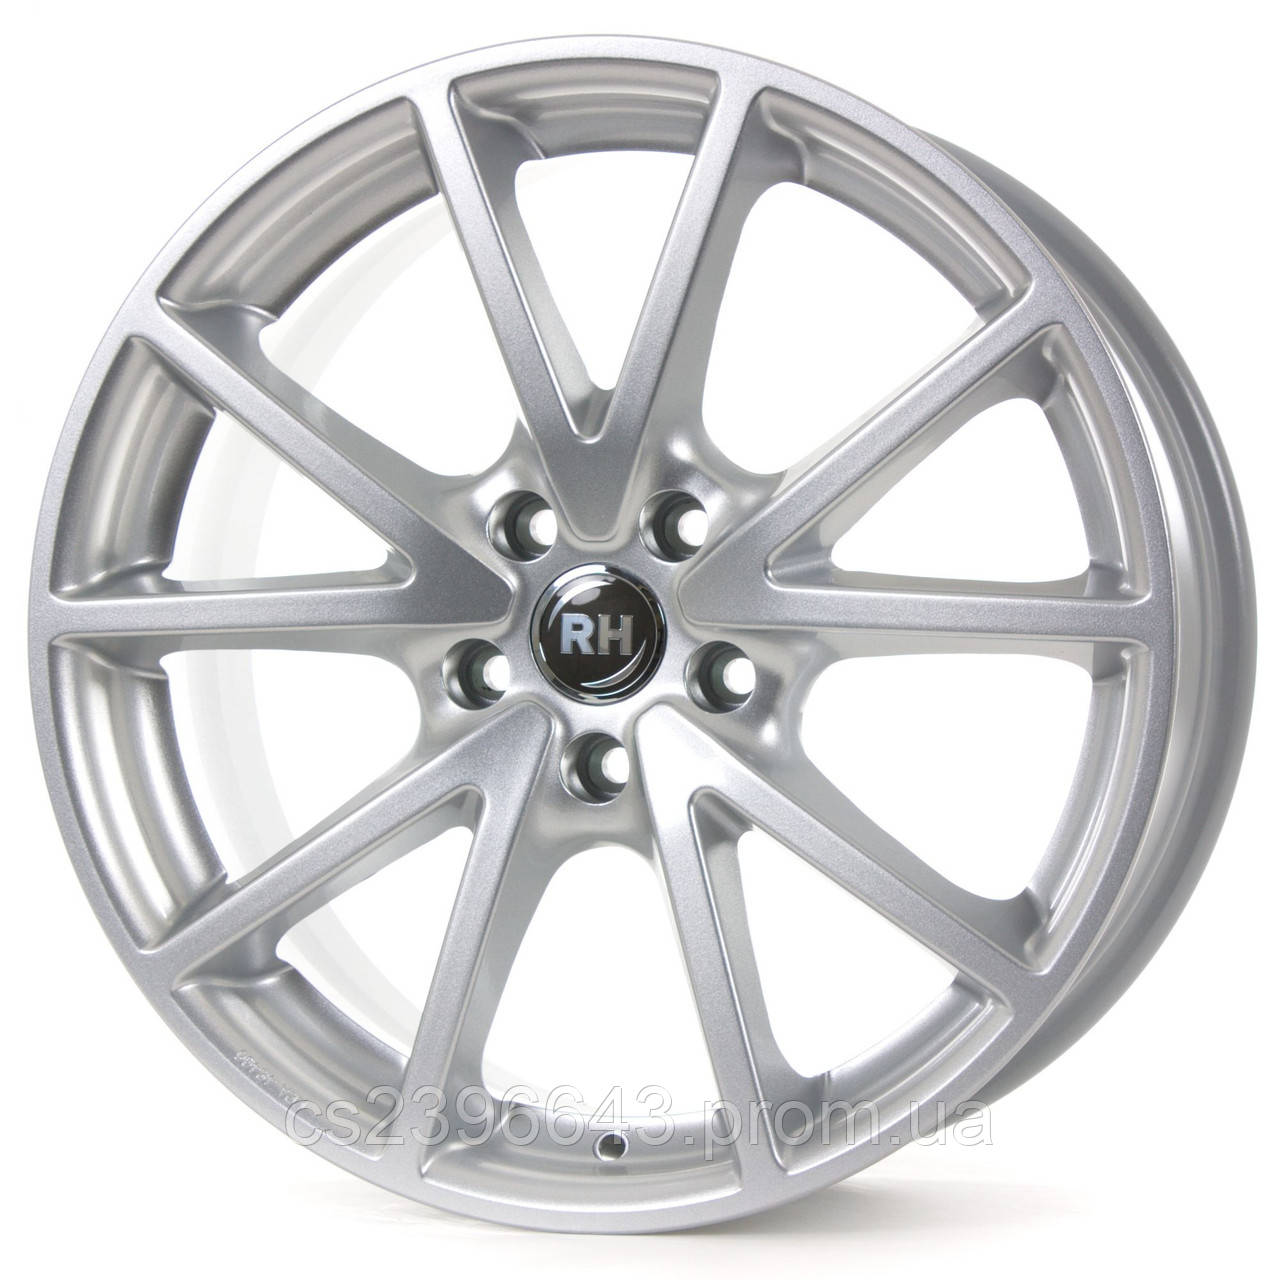 Колесный диск RH Alurad DE Sports 18x8 ET35